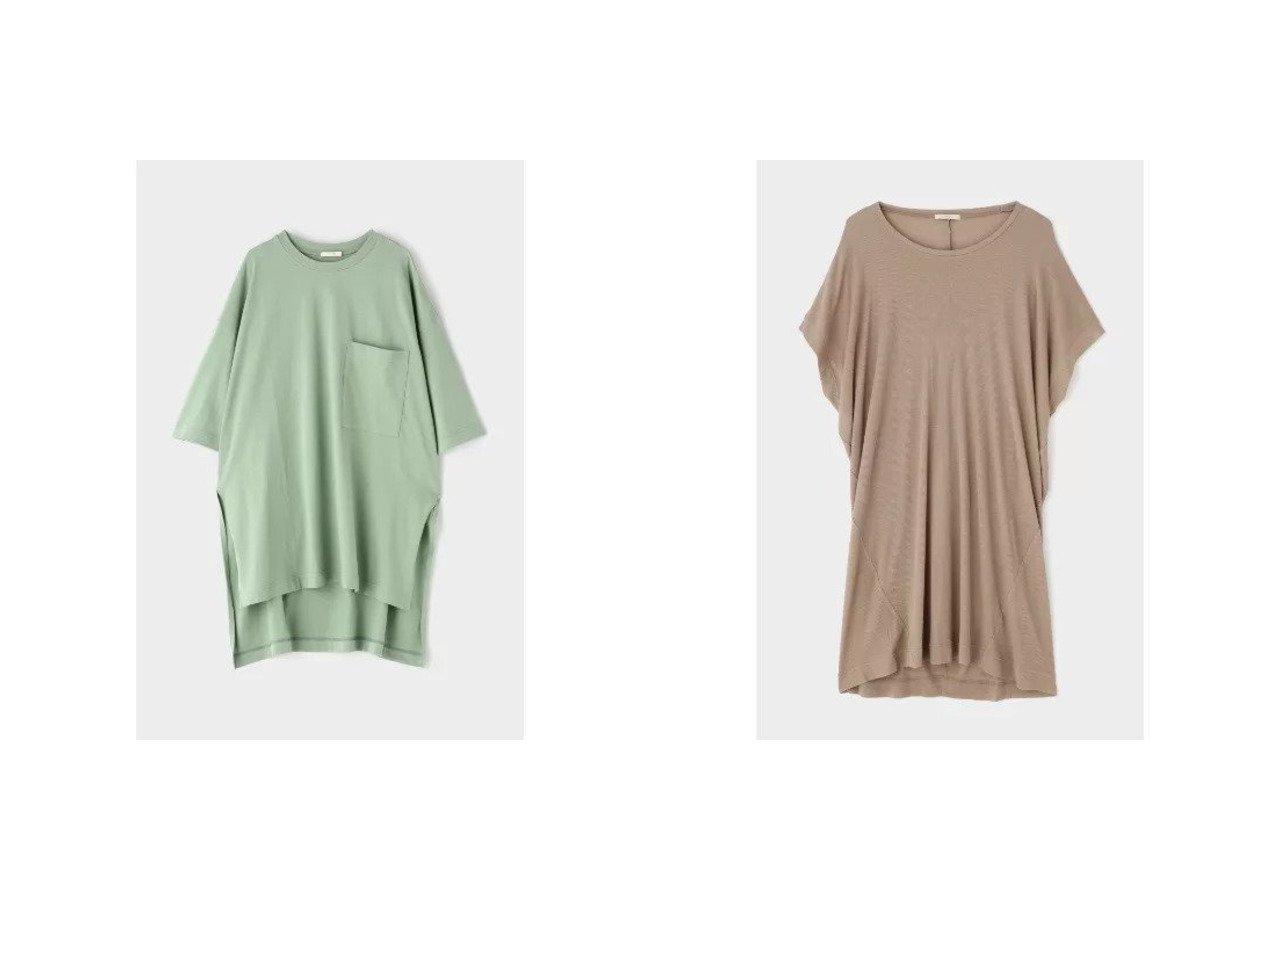 【LE PHIL/ル フィル】のドライタッチ天竺BIGTシャツ&ソフトリブバックドレープTシャツ 【トップス・カットソー】おすすめ!人気、トレンド・レディースファッションの通販 おすすめで人気の流行・トレンド、ファッションの通販商品 インテリア・家具・メンズファッション・キッズファッション・レディースファッション・服の通販 founy(ファニー) https://founy.com/ ファッション Fashion レディースファッション WOMEN トップス・カットソー Tops/Tshirt シャツ/ブラウス Shirts/Blouses ロング / Tシャツ T-Shirts カットソー Cut and Sewn ニット Knit Tops 2021年 2021 2021春夏・S/S SS/Spring/Summer/2021 S/S・春夏 SS・Spring/Summer おすすめ Recommend カッティング カットソー スリット リラックス レギンス セーター チュニック ドレープ 半袖 |ID:crp329100000048339